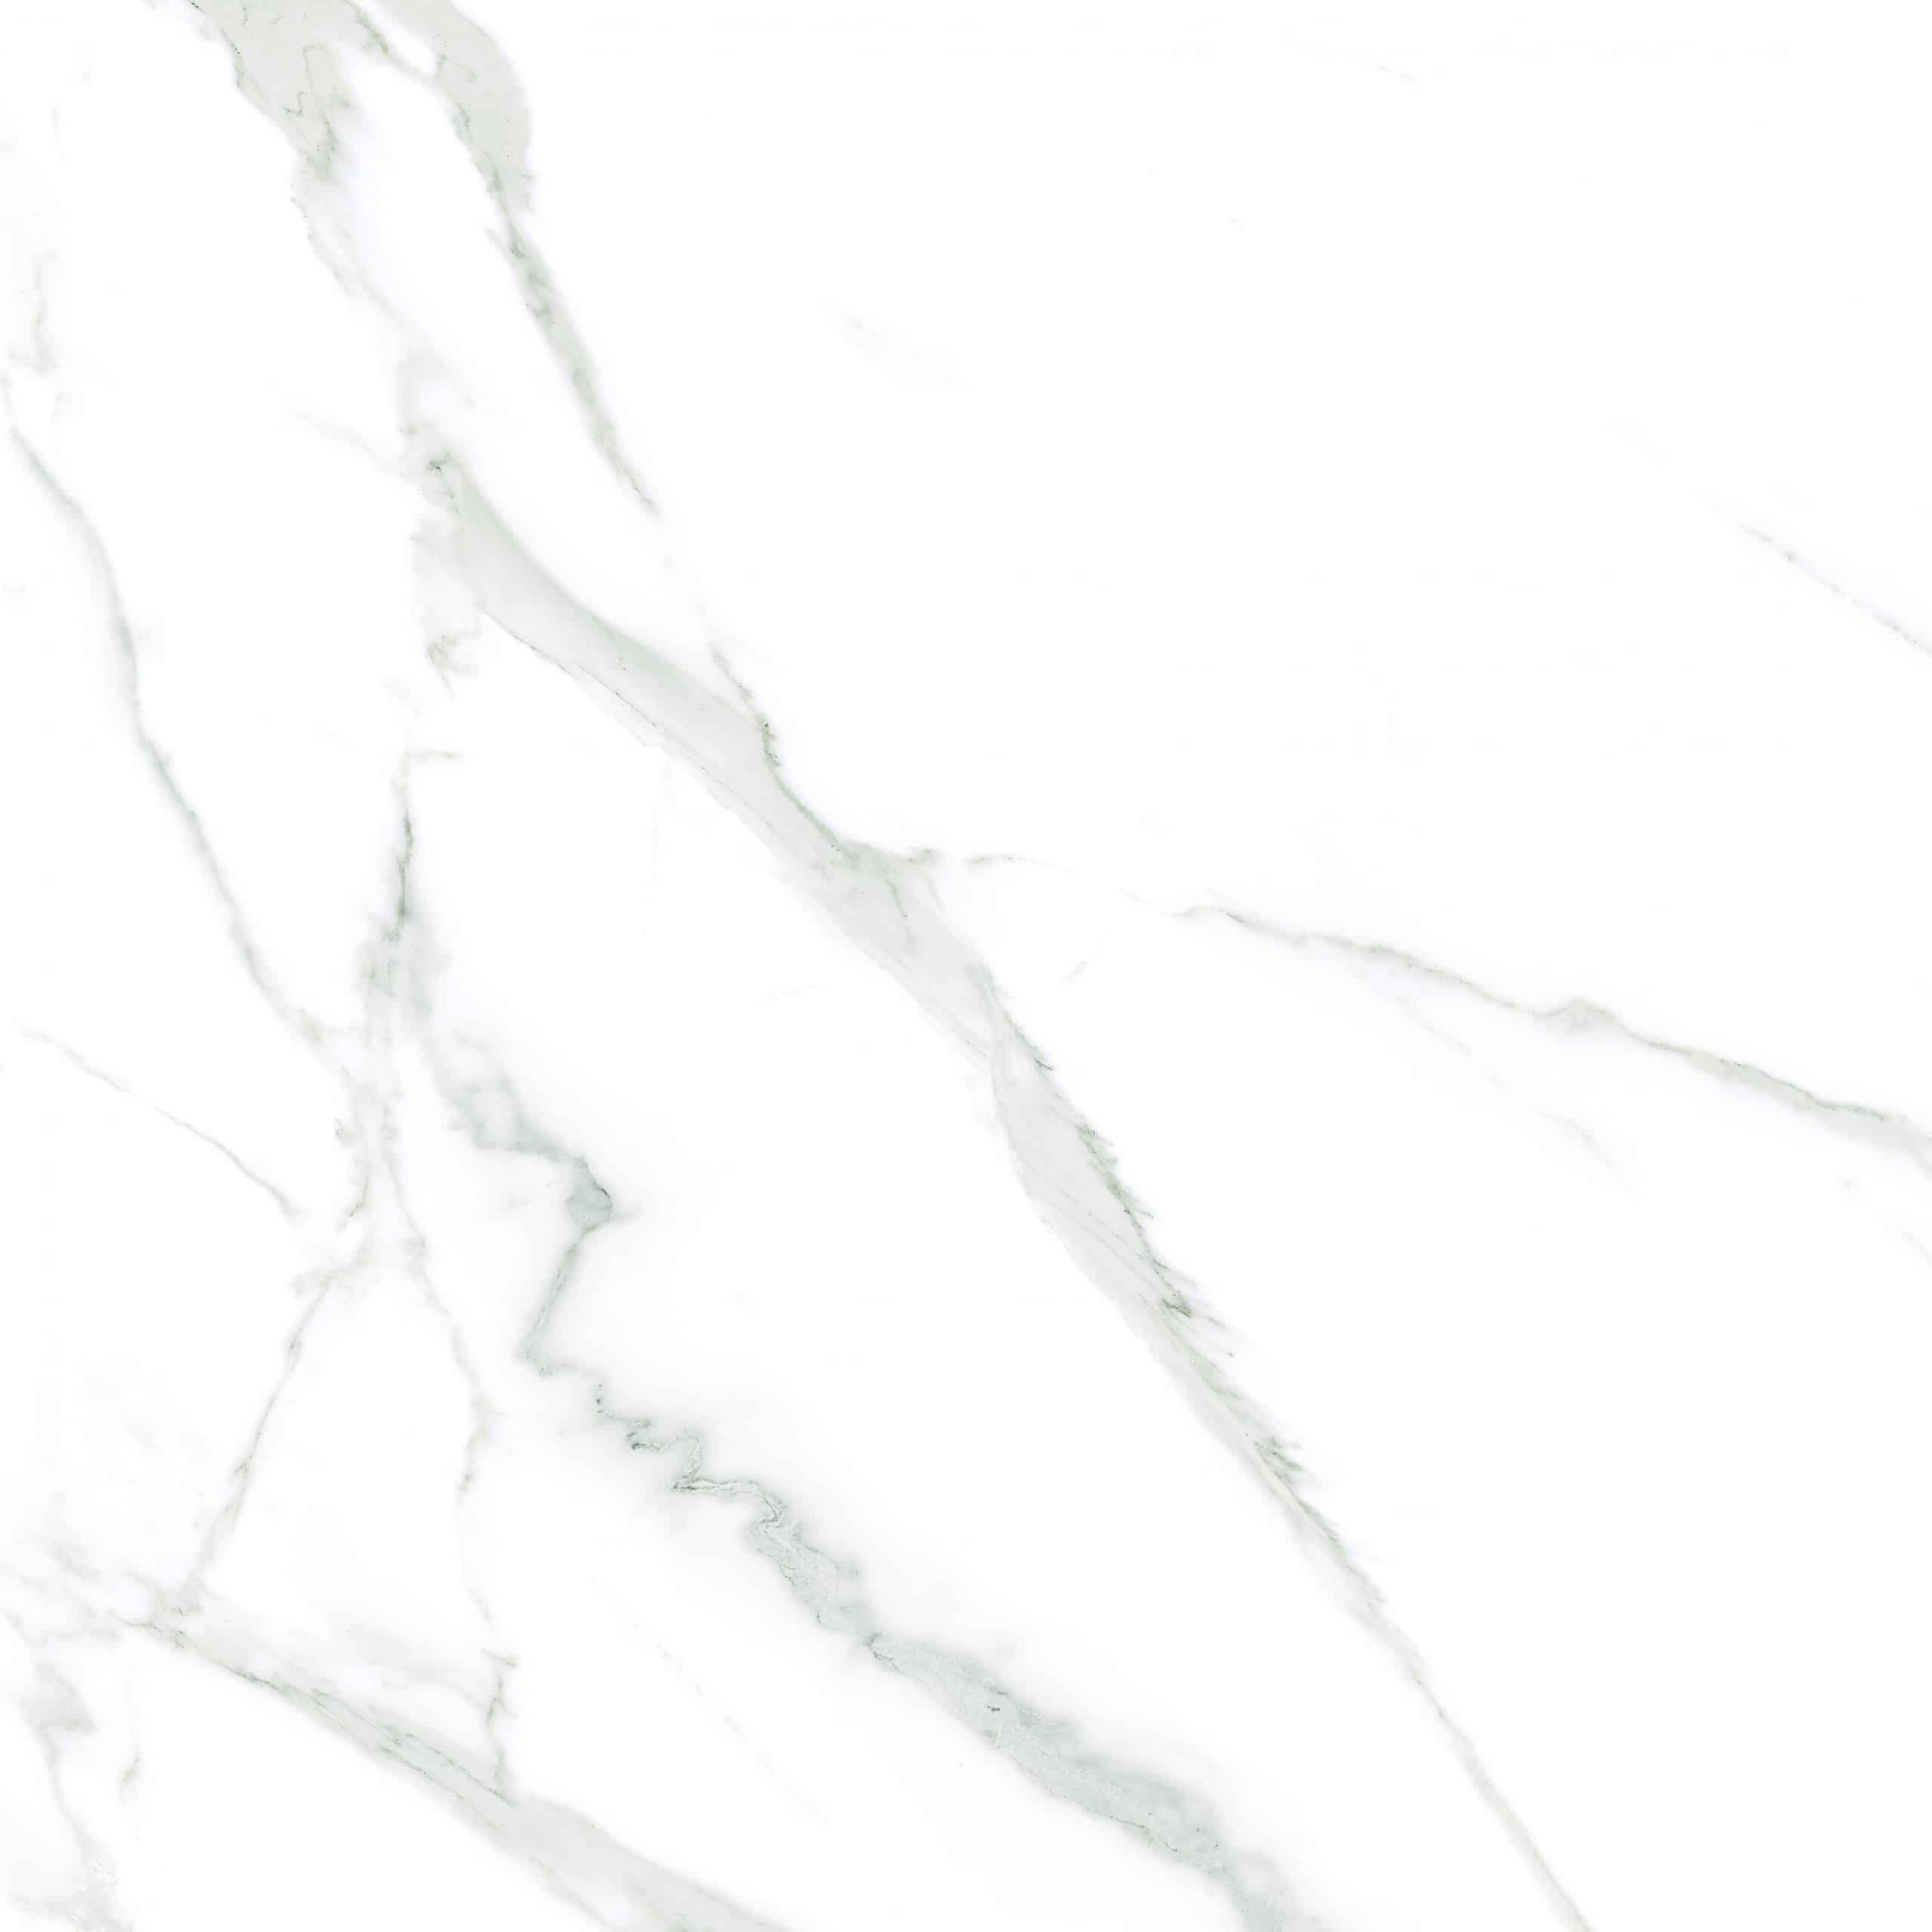 IN-Carrara White